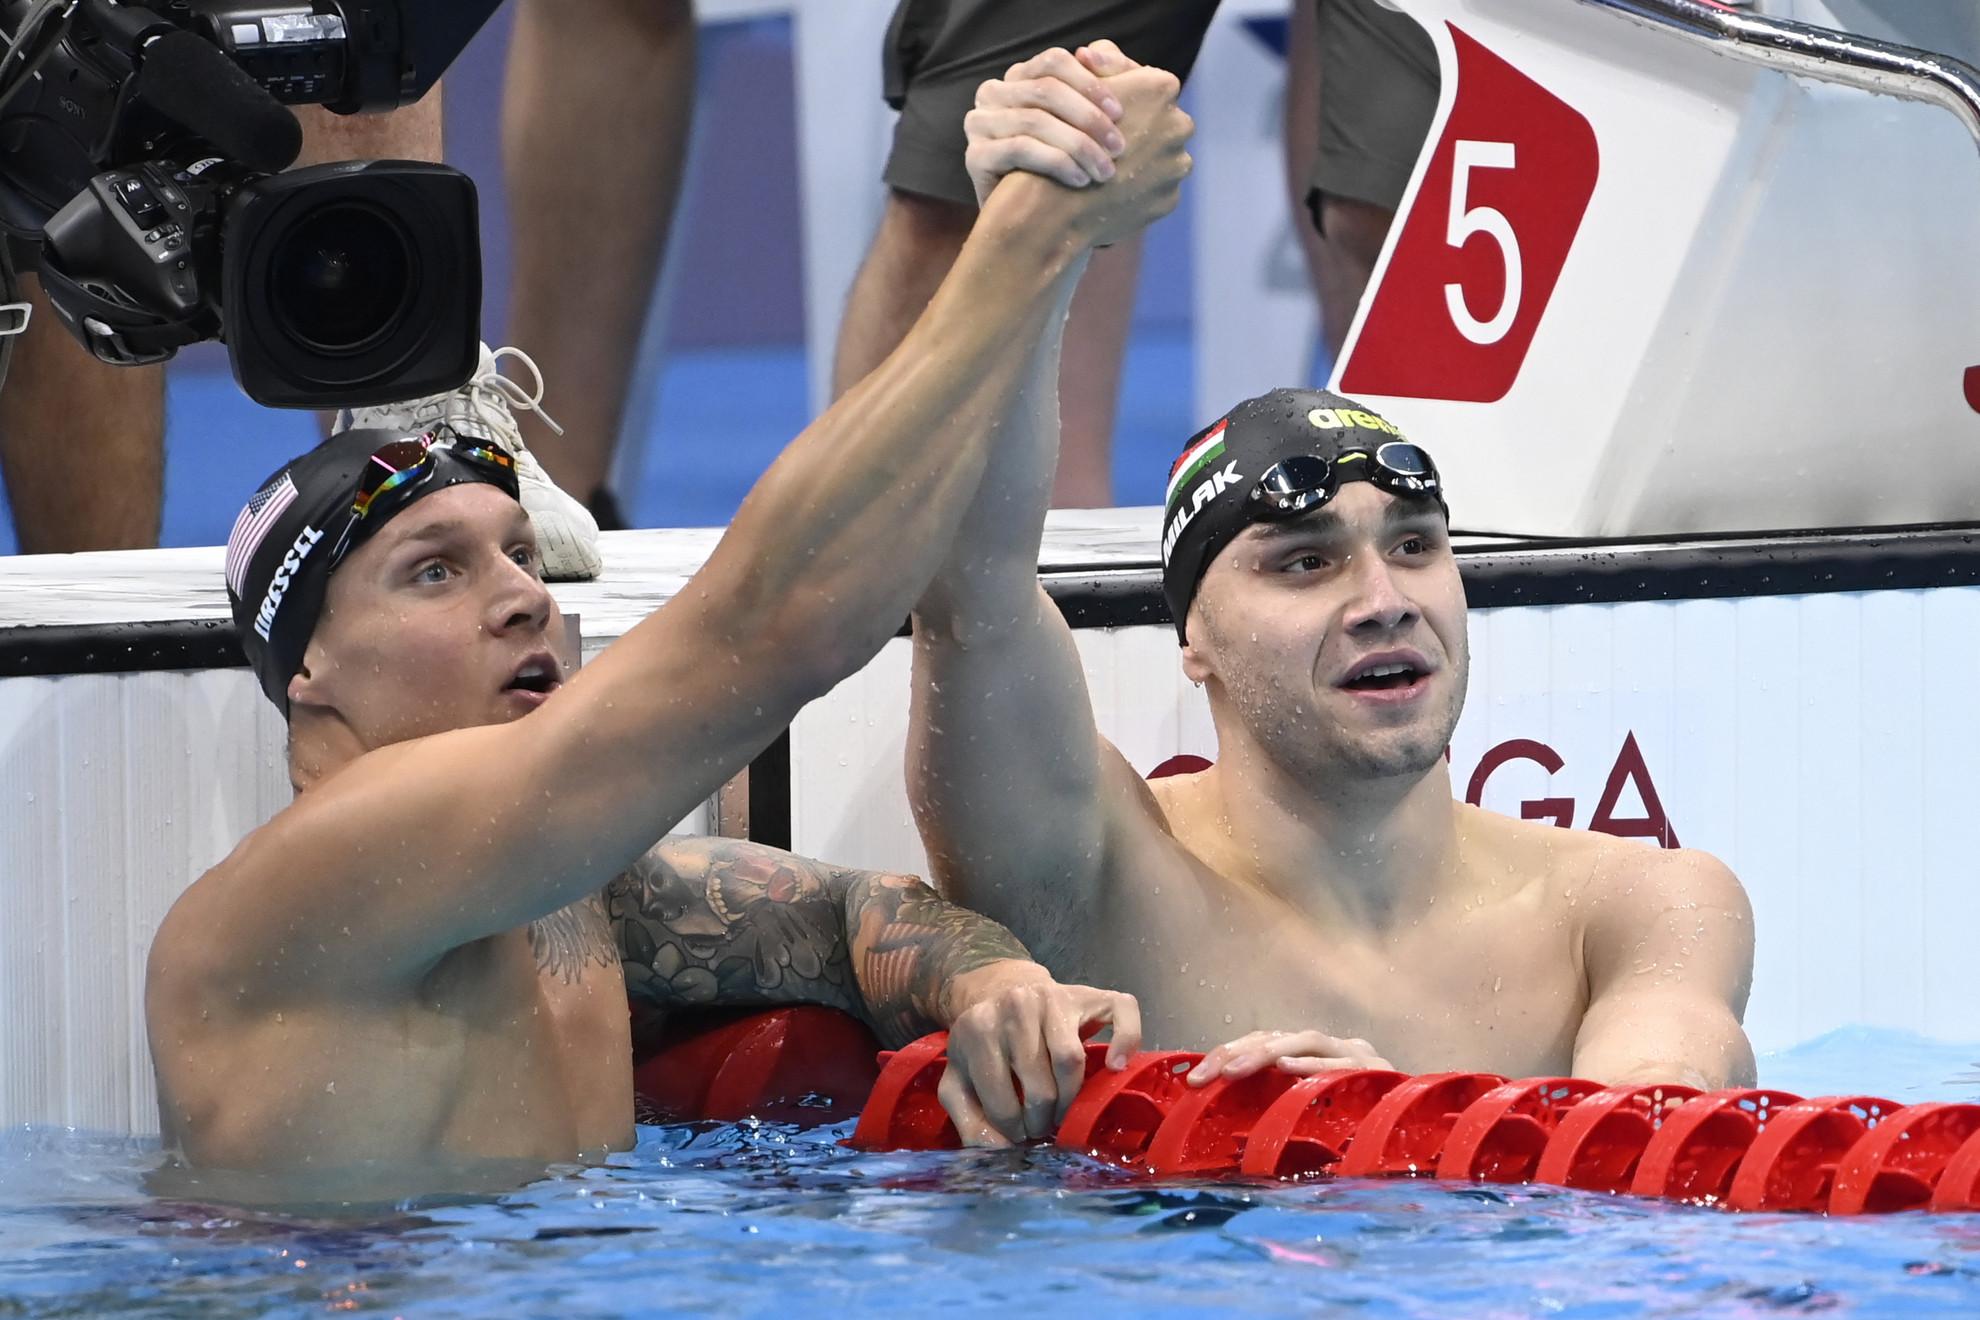 Sportszerű jelenet: a győztes Dressel (balra) és az ezüstérmes Milák együtt ünnepel